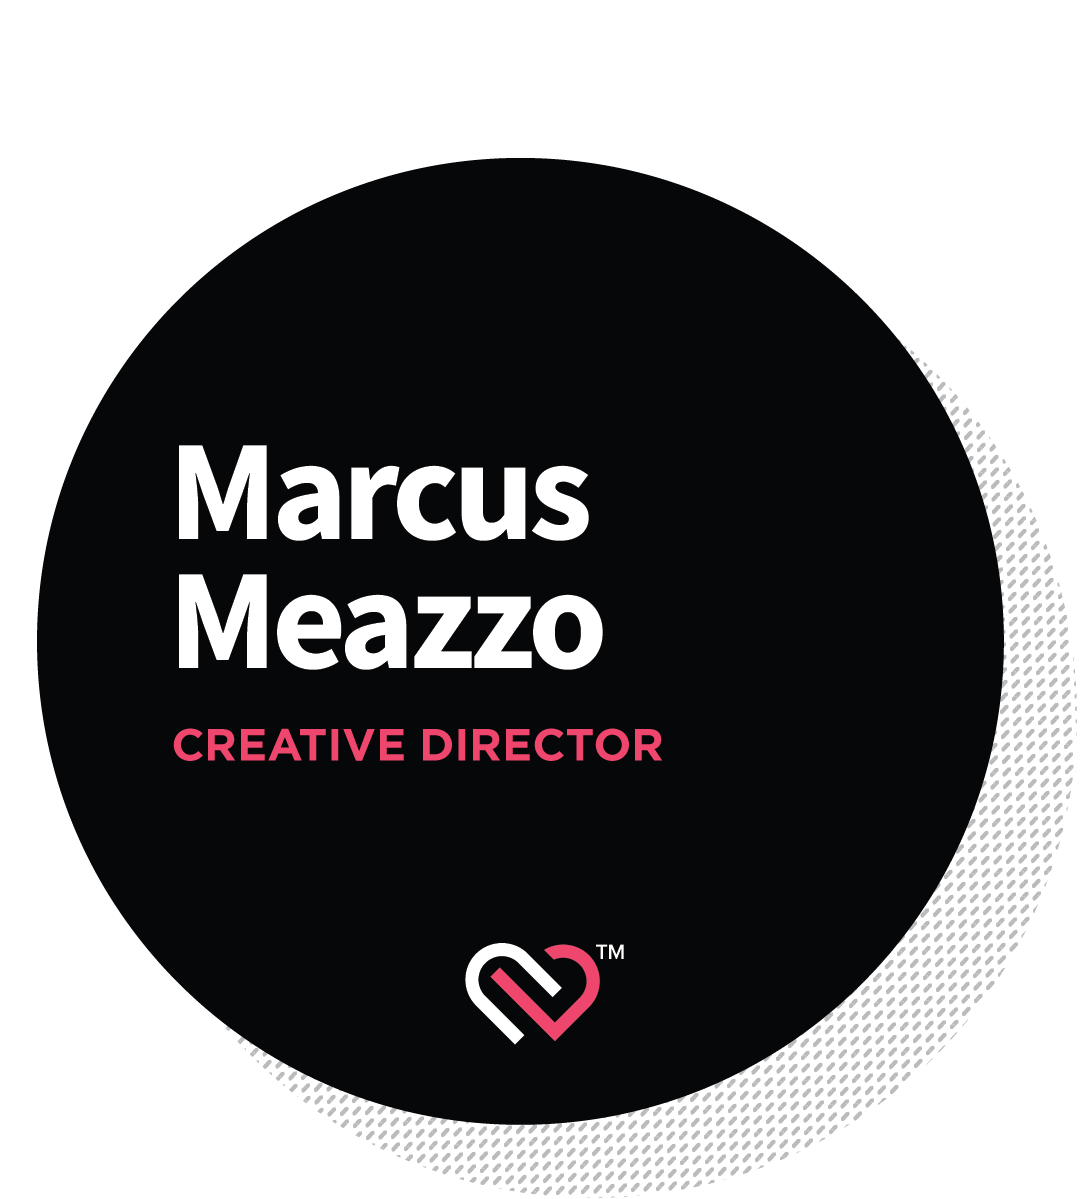 Marcus Meazzo